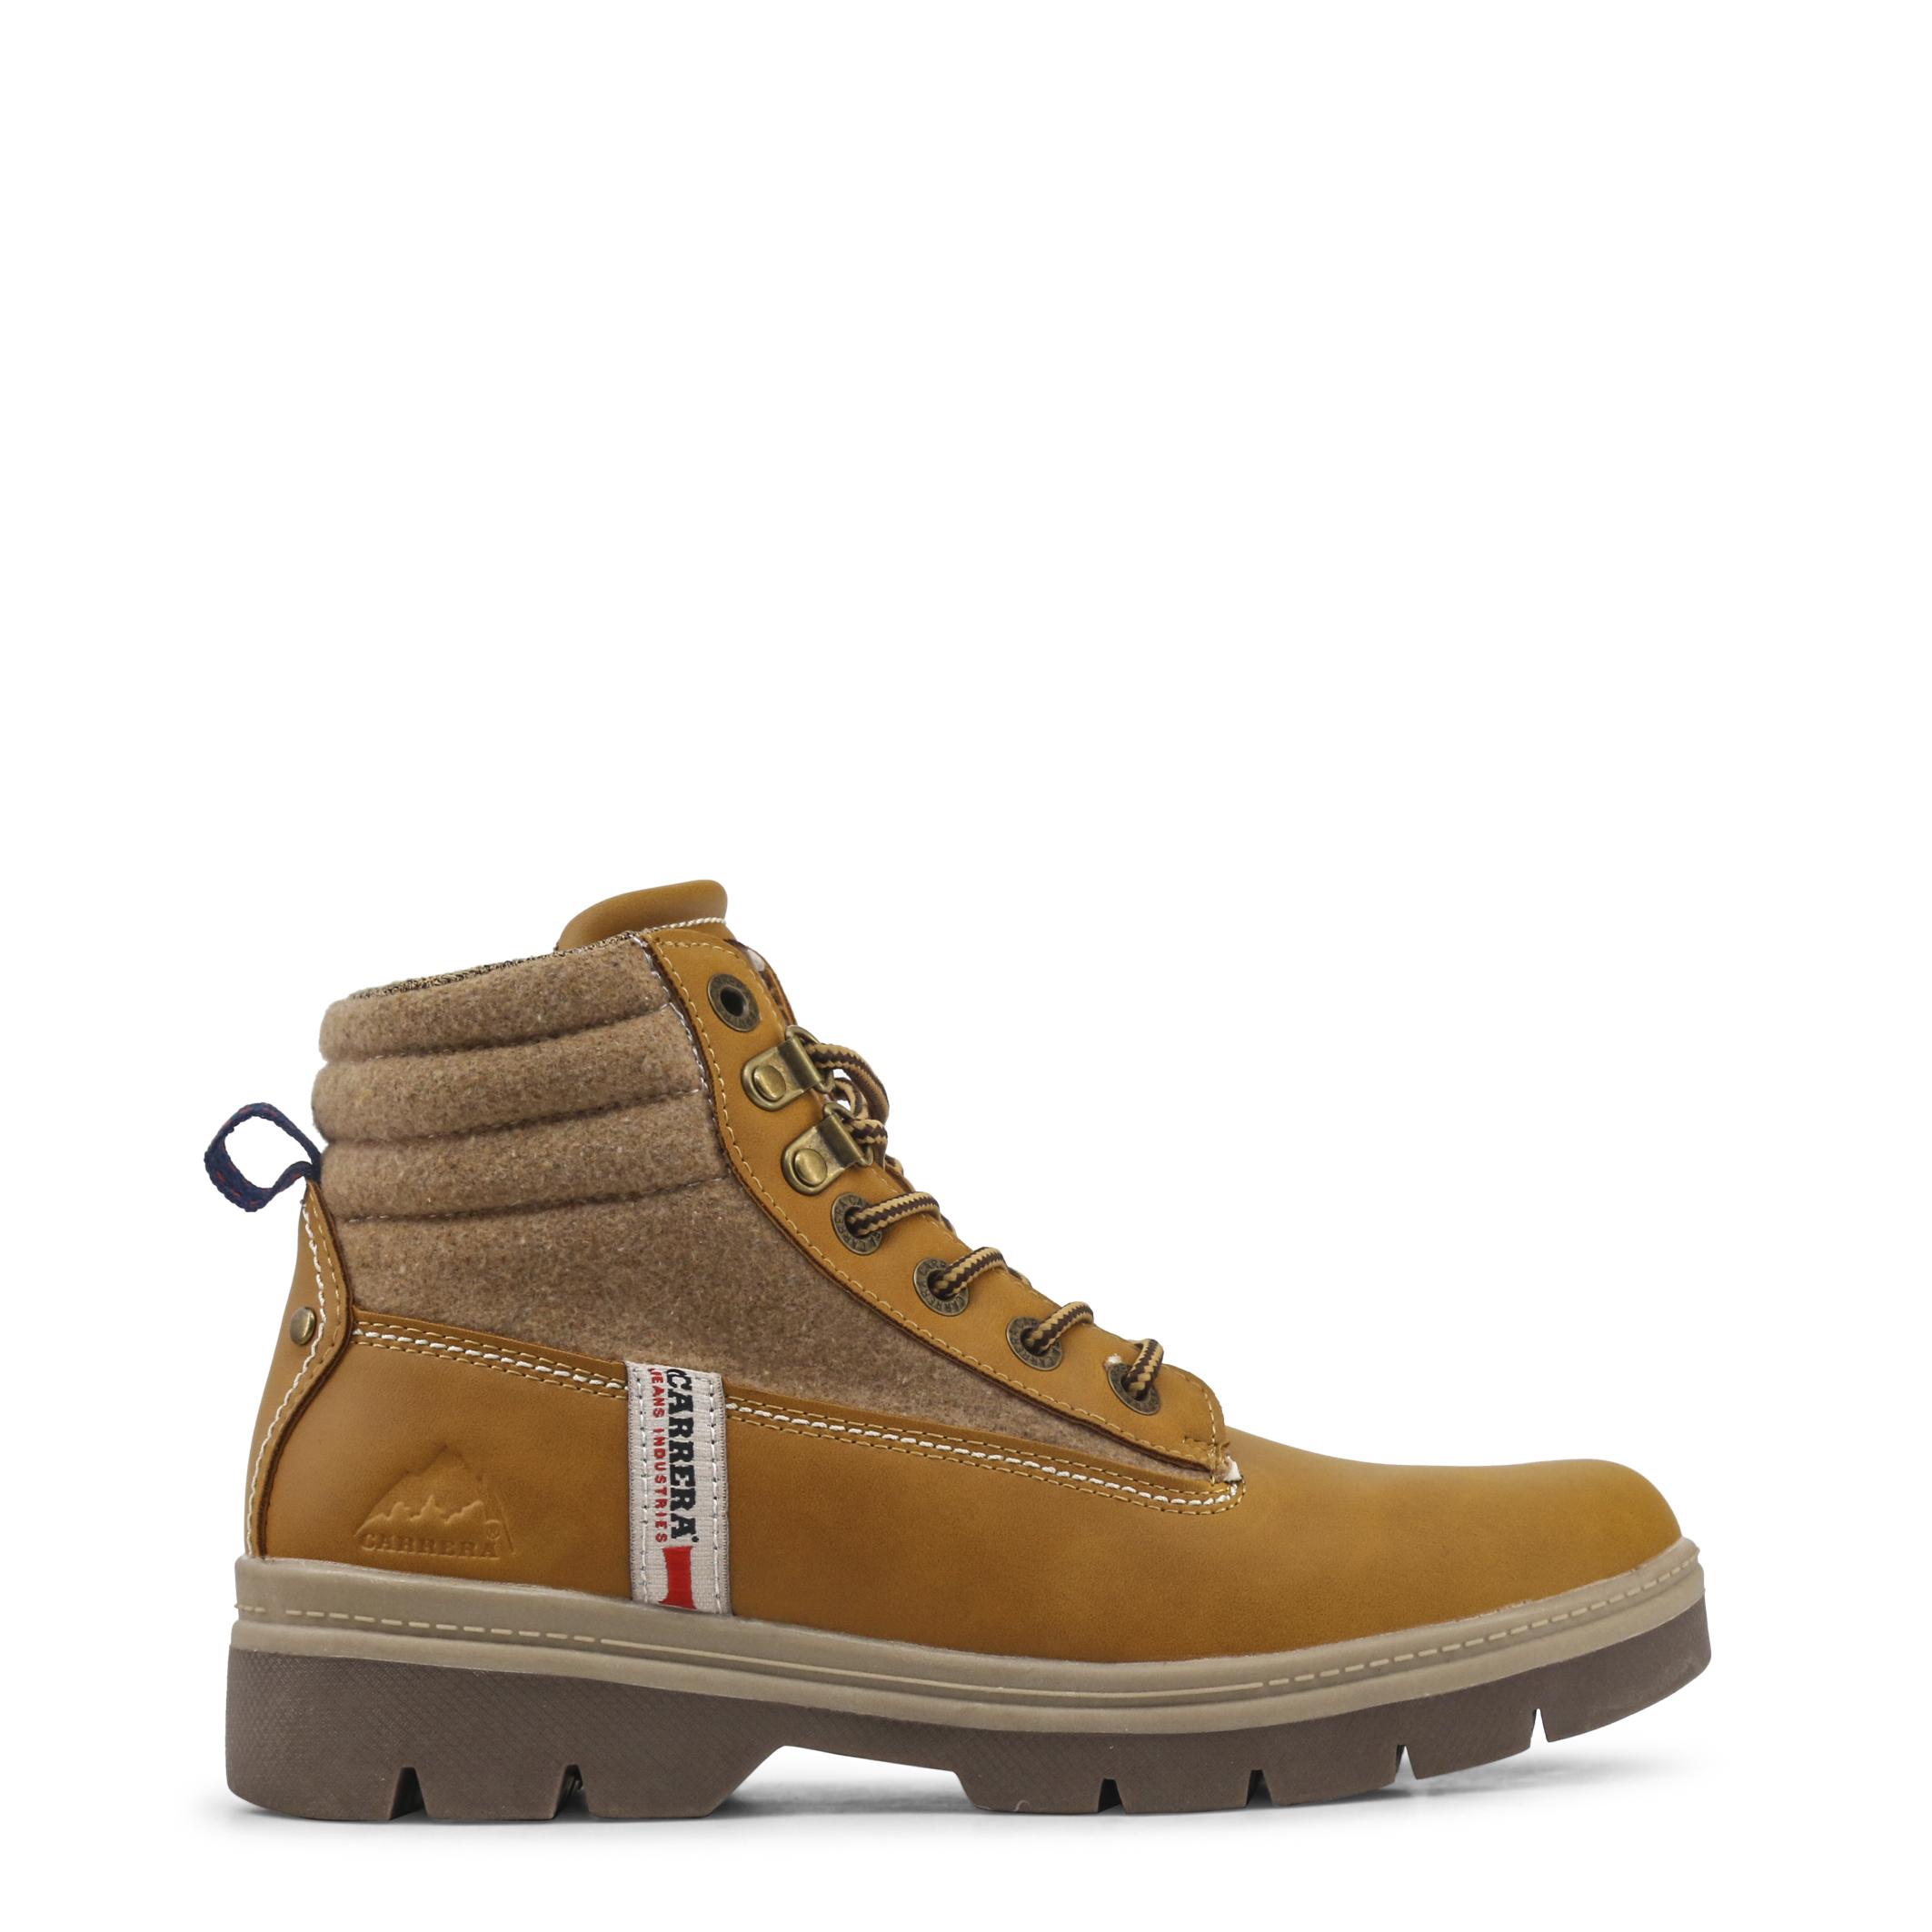 Carrera Jeans CAM821200 Uomo Marrone 94013